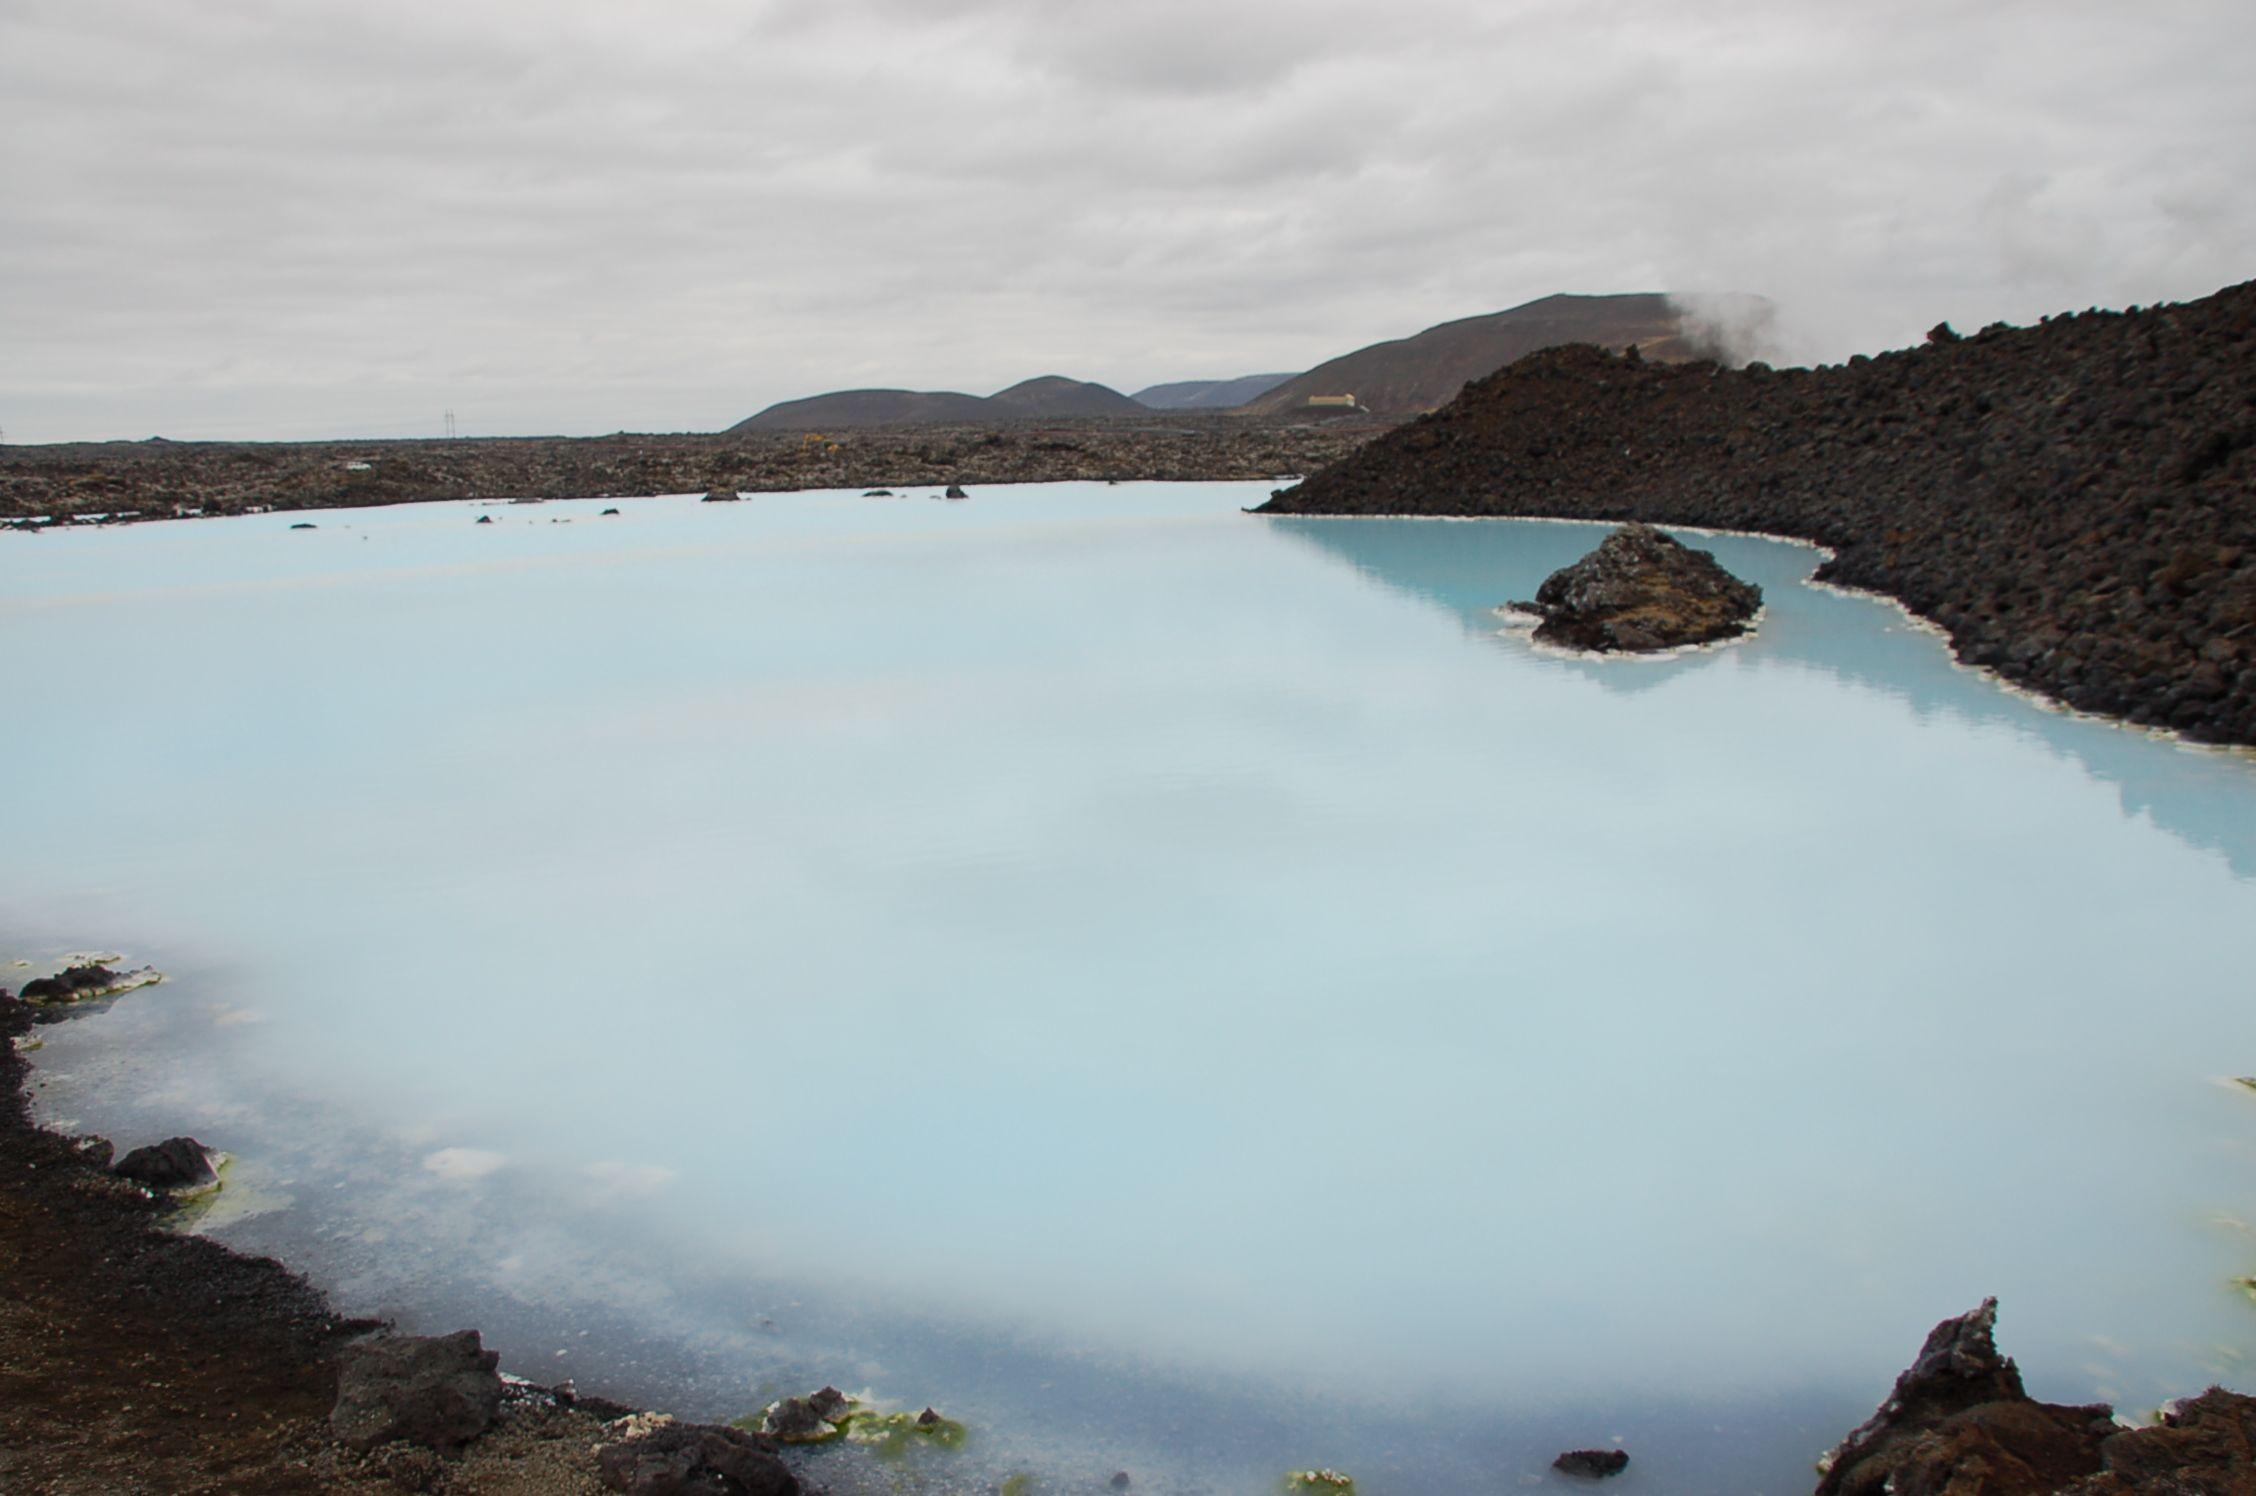 Doch auch damit hat es sich noch nicht: Bei dem Versuch, ein Wärmeaustauschkraftwerk zu bauen, ist die Blaue Lagune entstanden